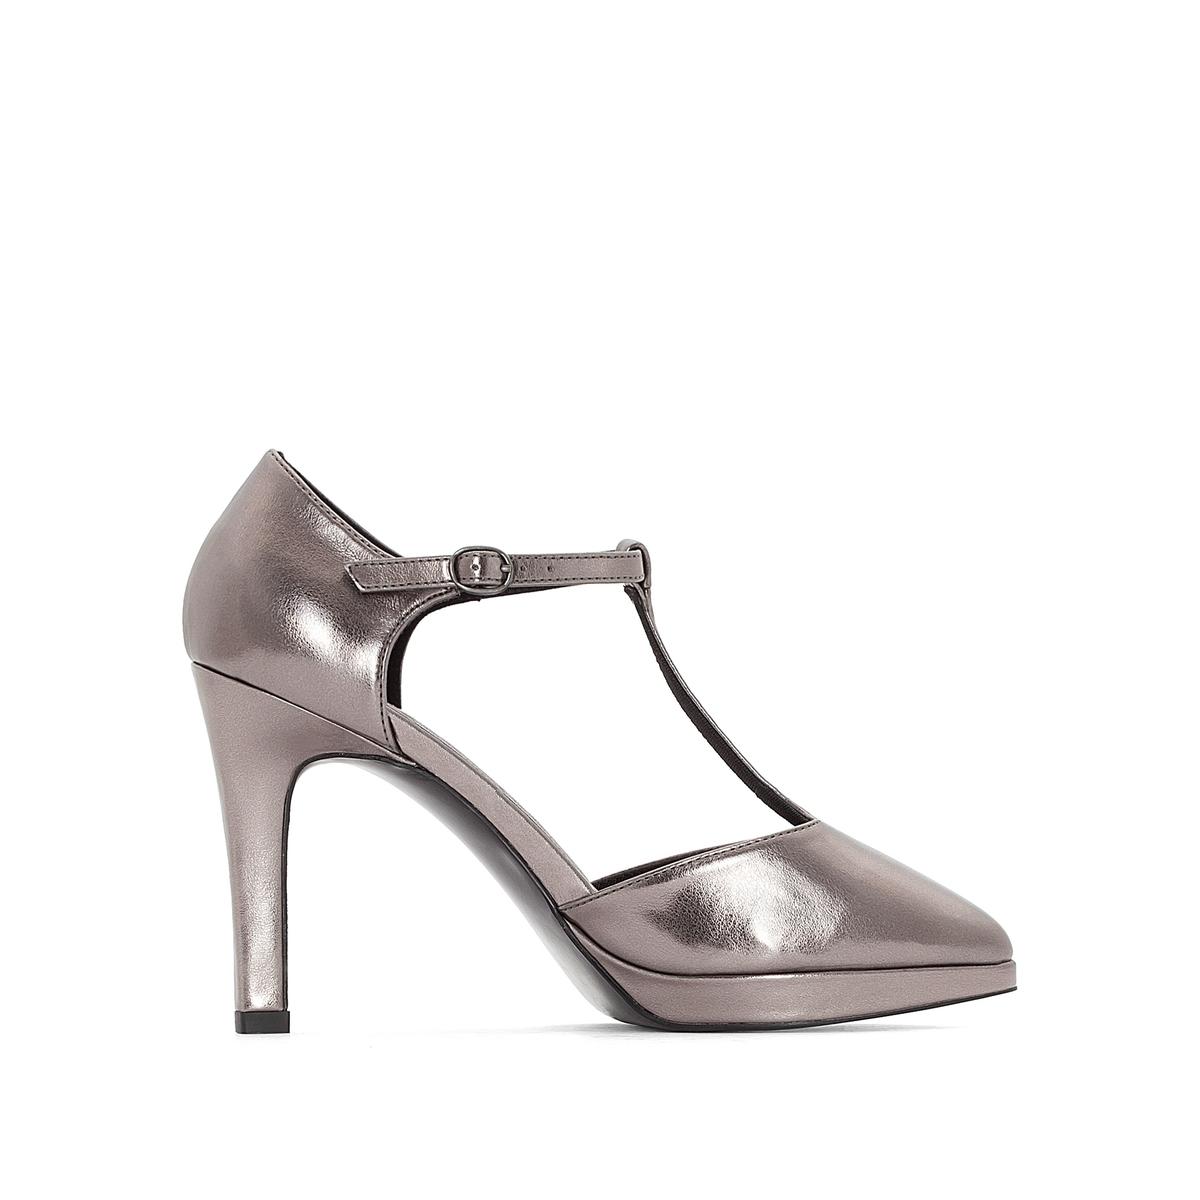 zapatillas Zapatos de tac?n irisados con detalle de plataforma